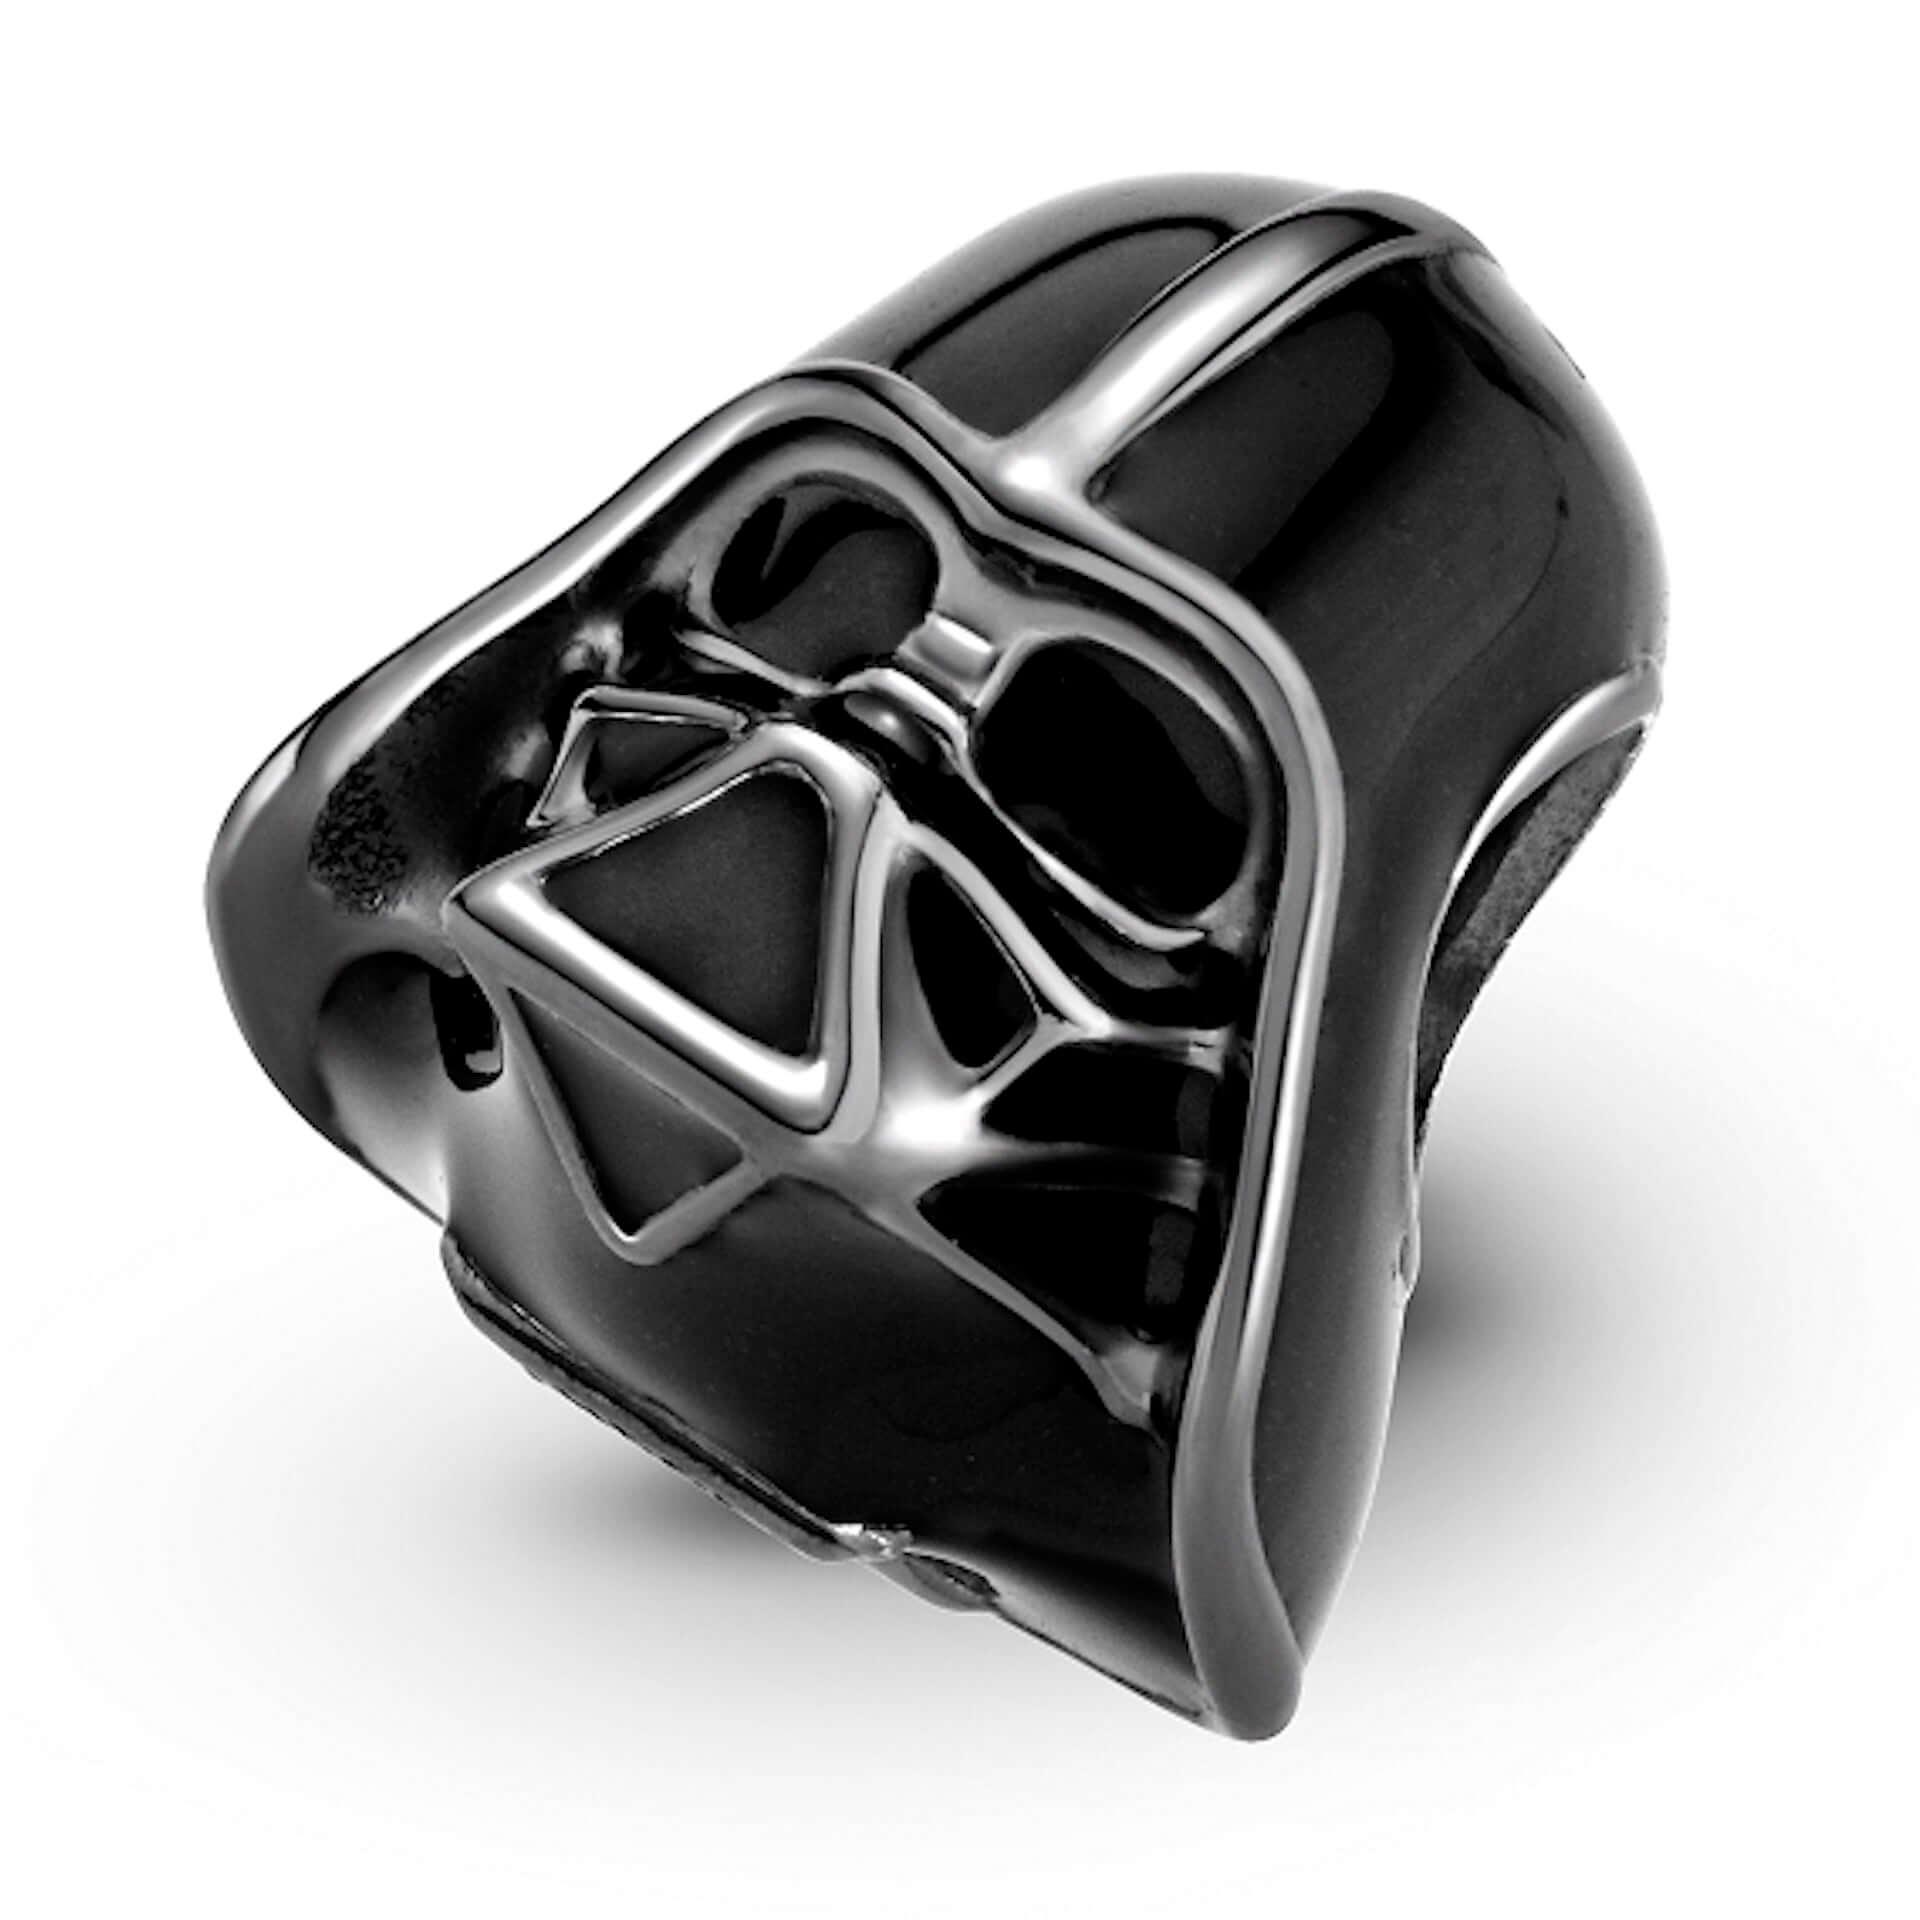 『スター・ウォーズ』シリーズのC-3POやザ・チャイルドがジュエリーに!リサイクル素材を用いた新コレクションがパンドラにて発売 lf201001_starwars-pandora_5-1920x1920